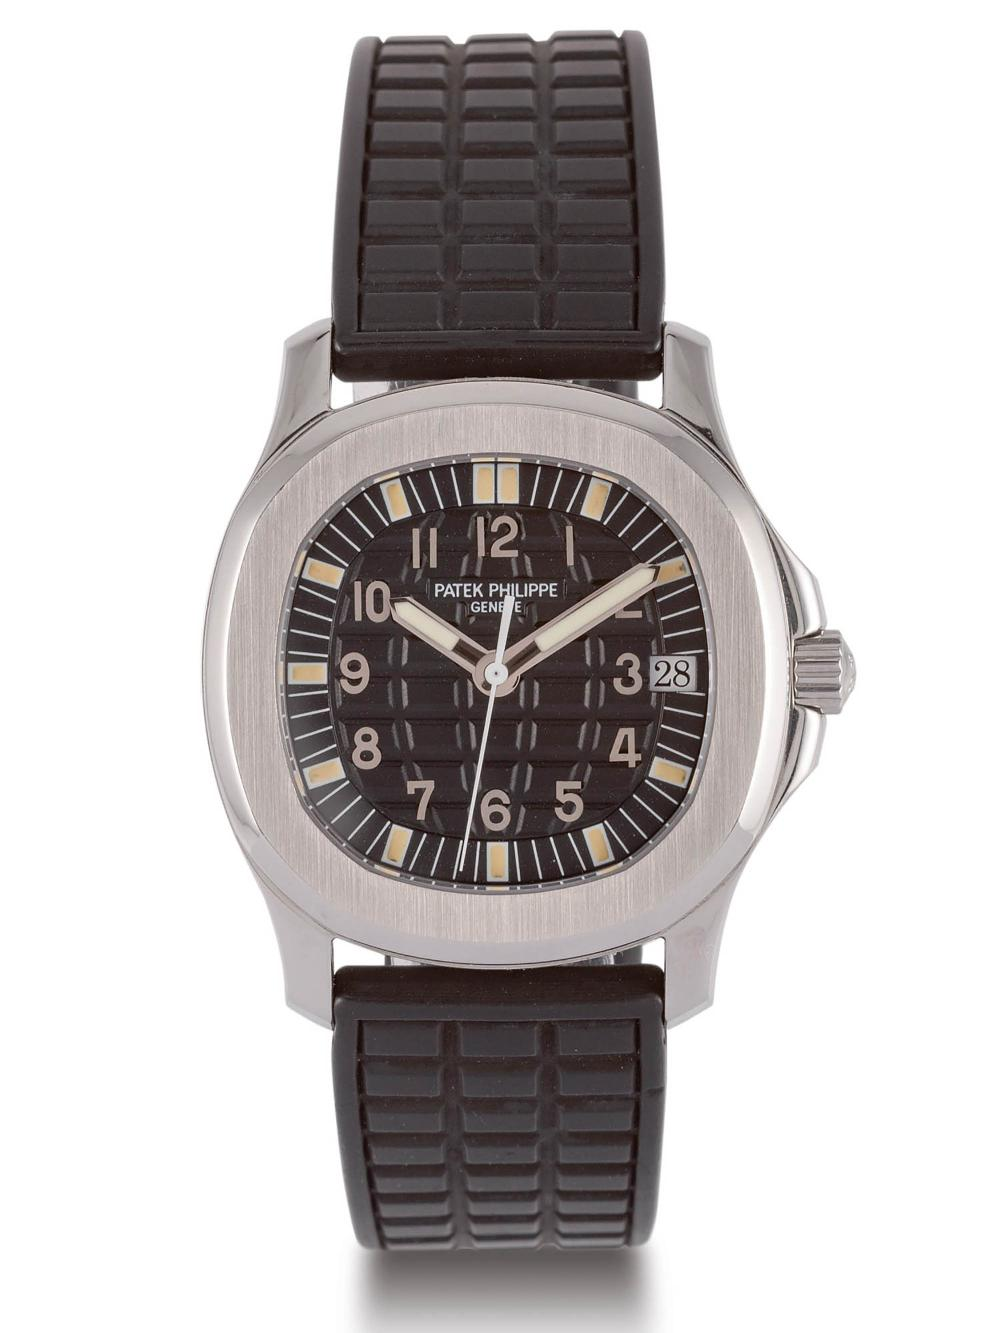 Patek Philippe - Ref. 5060 - Steel - Aquanaut d565d35b41